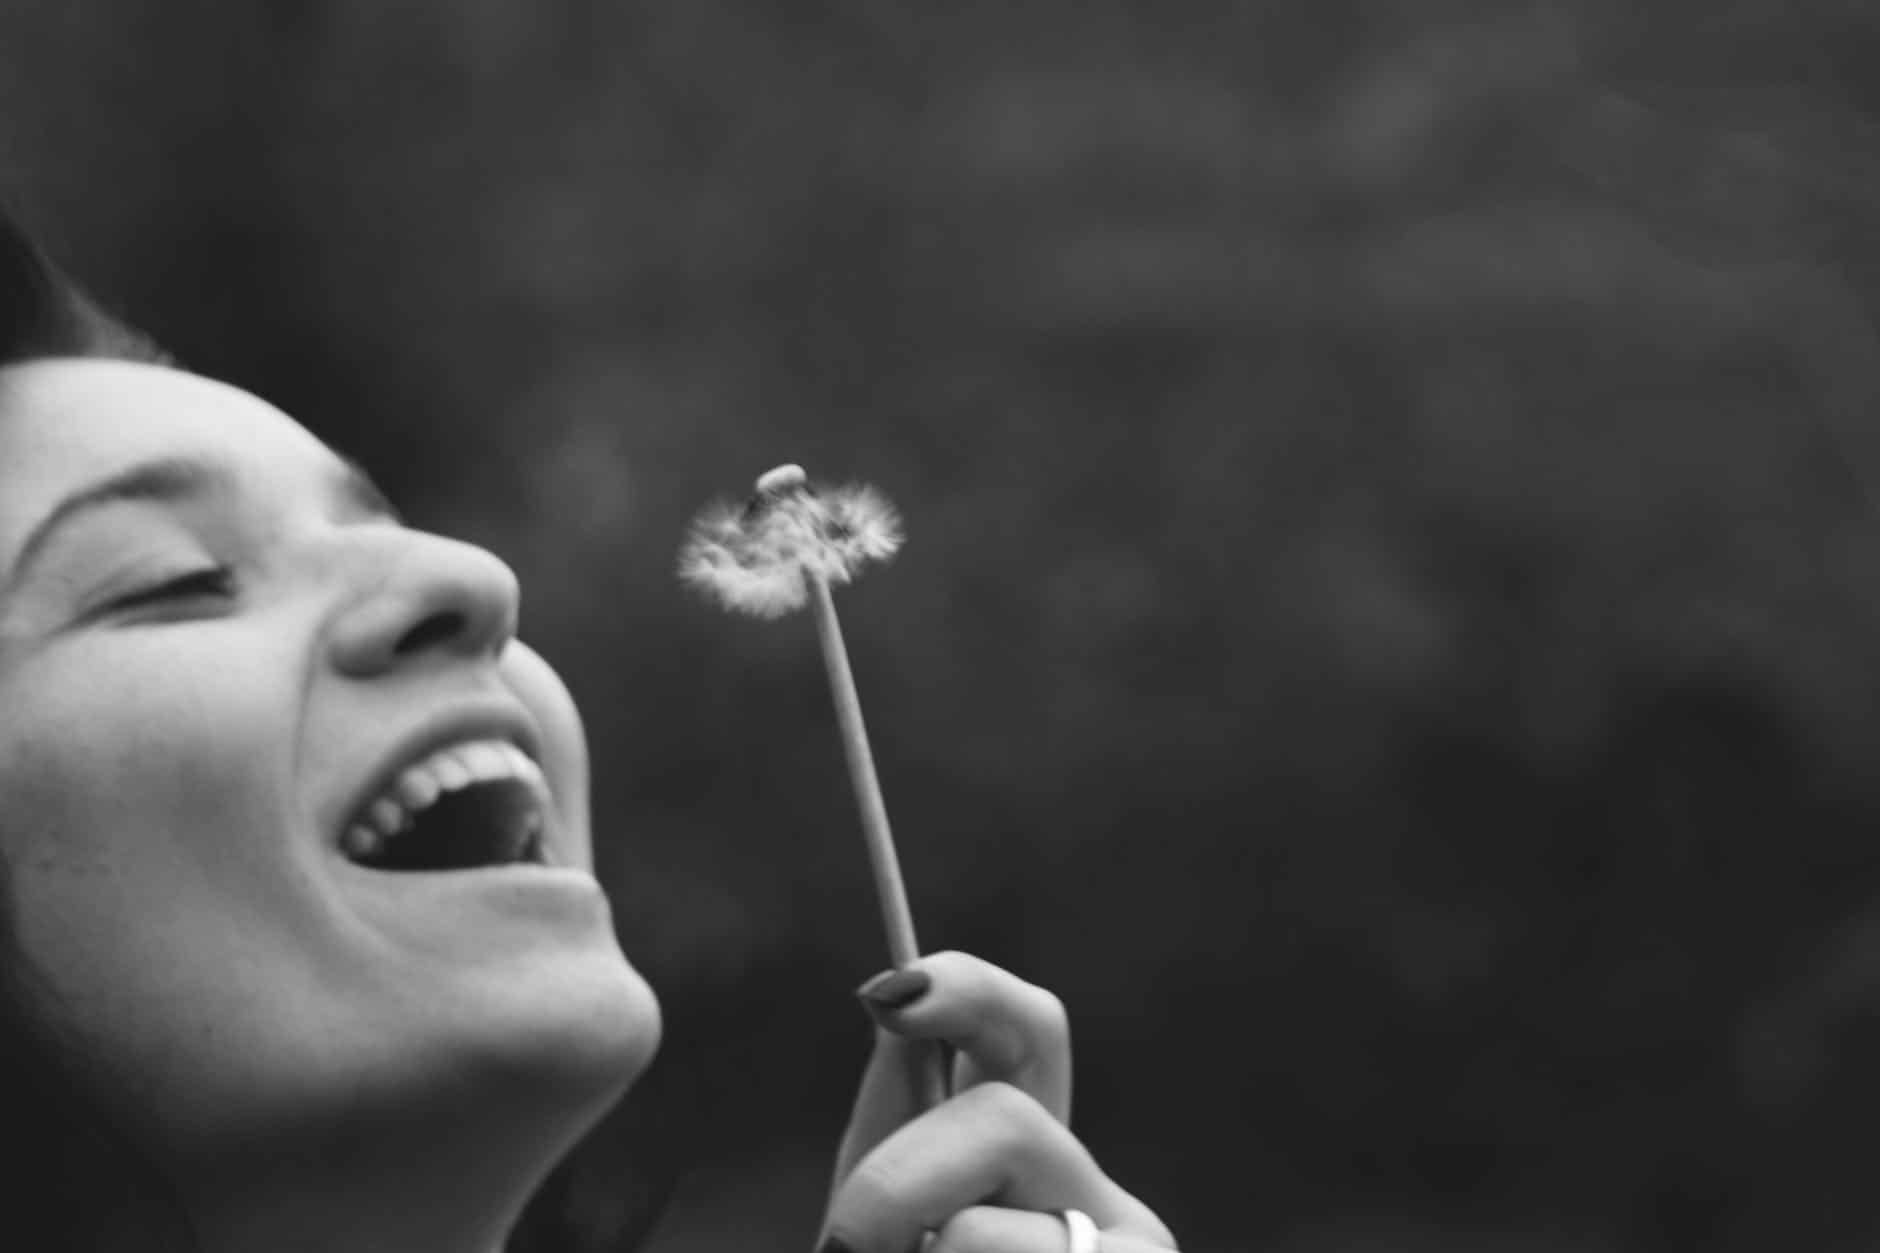 """Die #Anleitung zum #glücklich werden. Häufig lese ich in letzter Zeit in den sozialen Netzwerken Facebook und Instagram Aussagen wie """"Warum hab ich kein Glück?"""", """"Ich bin der Pechvogel der Woche."""" und ähnliches. Wie du aus deinem #Tief rauskommst, was #Glück mit deinem Immunsystem zu tun hat und wie auch DU endlich #glücklich wirst,hoffe ich dir in den nächsten Zeilen zeigen zu können. #Tipps"""